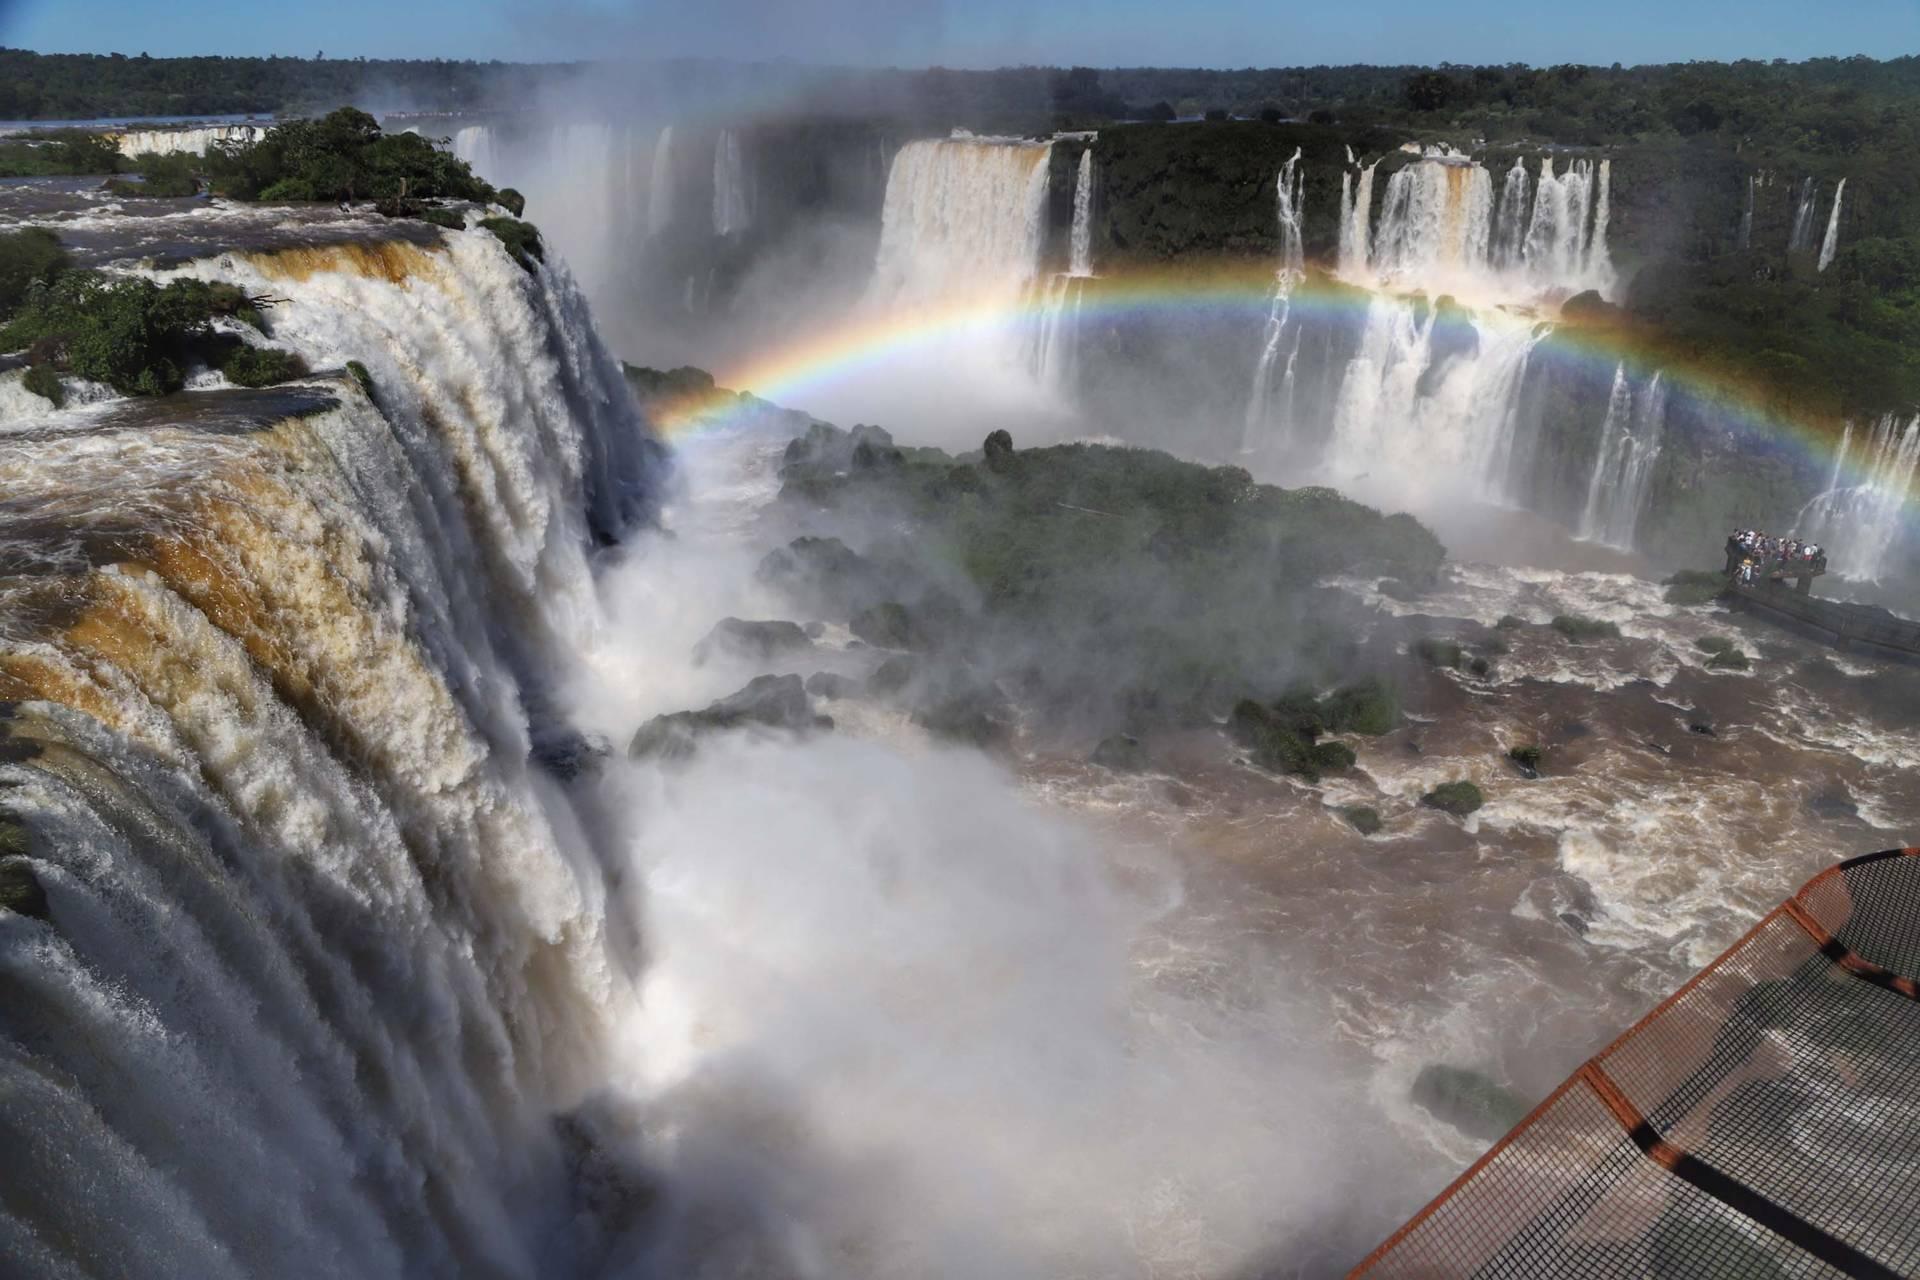 Evento neste domingo (10) em comemoração ao aniversário de oito anos da eleição das Cataratas do Iguaçu como uma das Novas 7 Maravilhas da Natureza